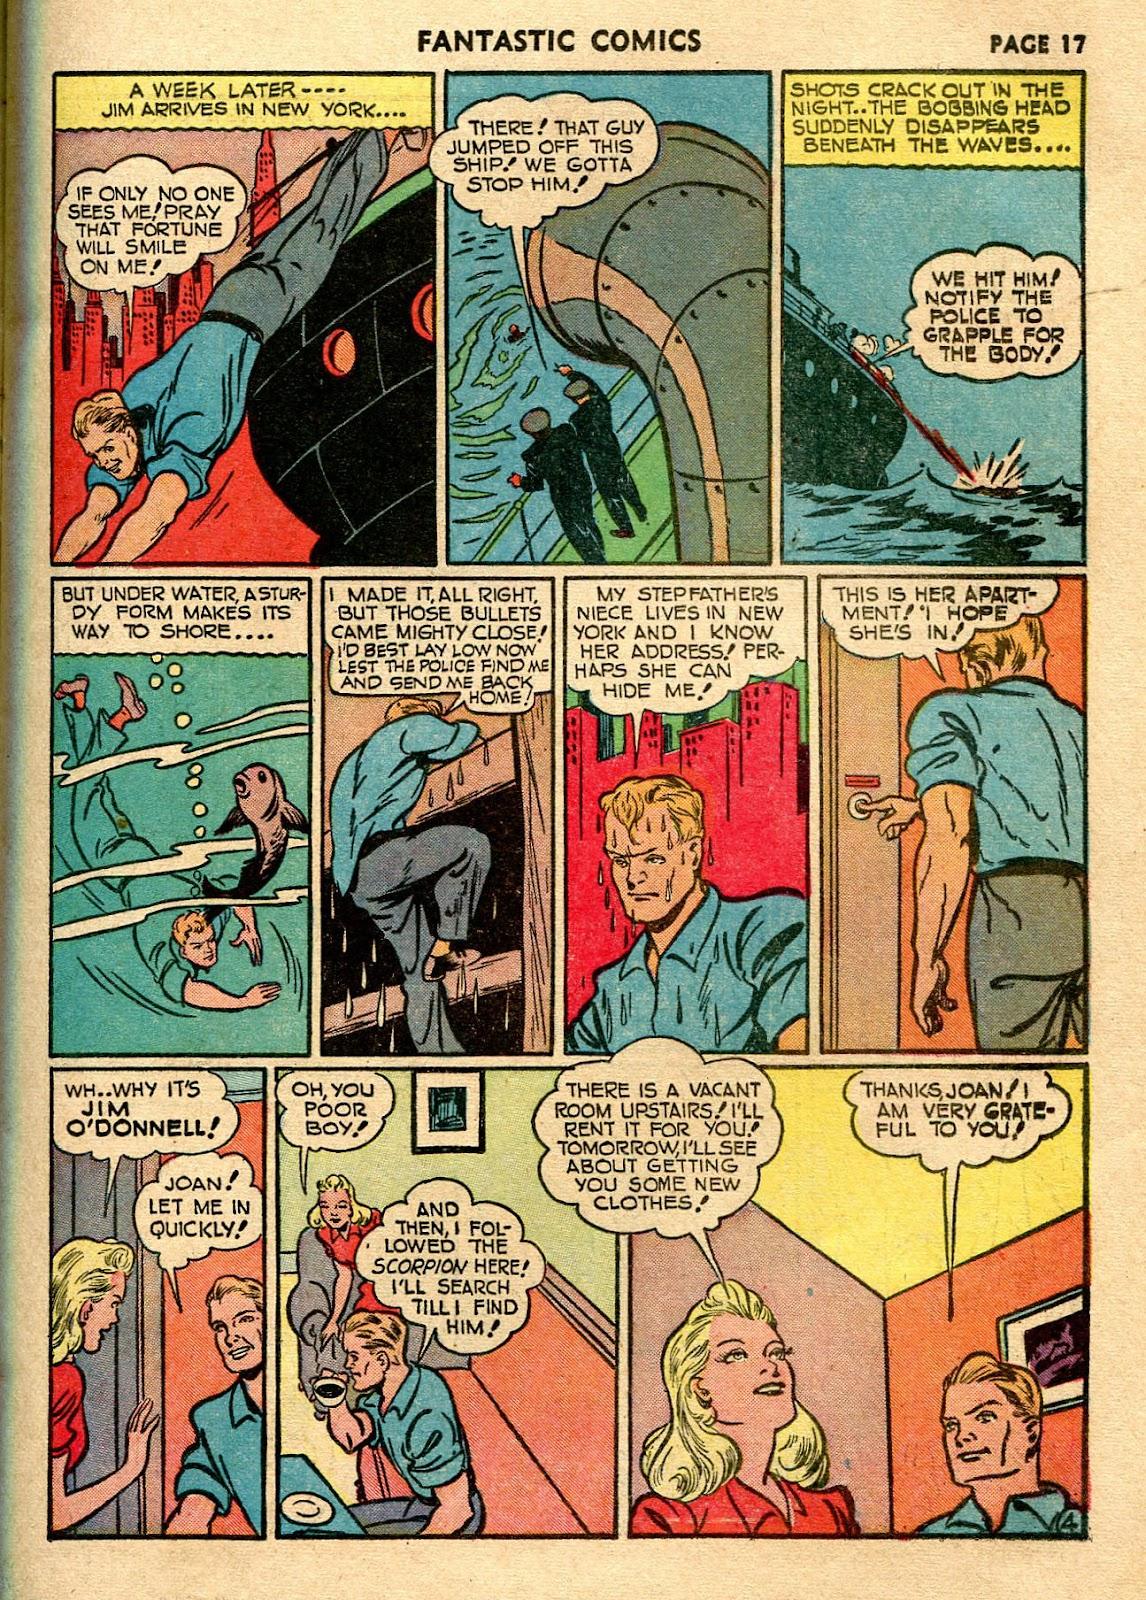 Read online Fantastic Comics comic -  Issue #21 - 19